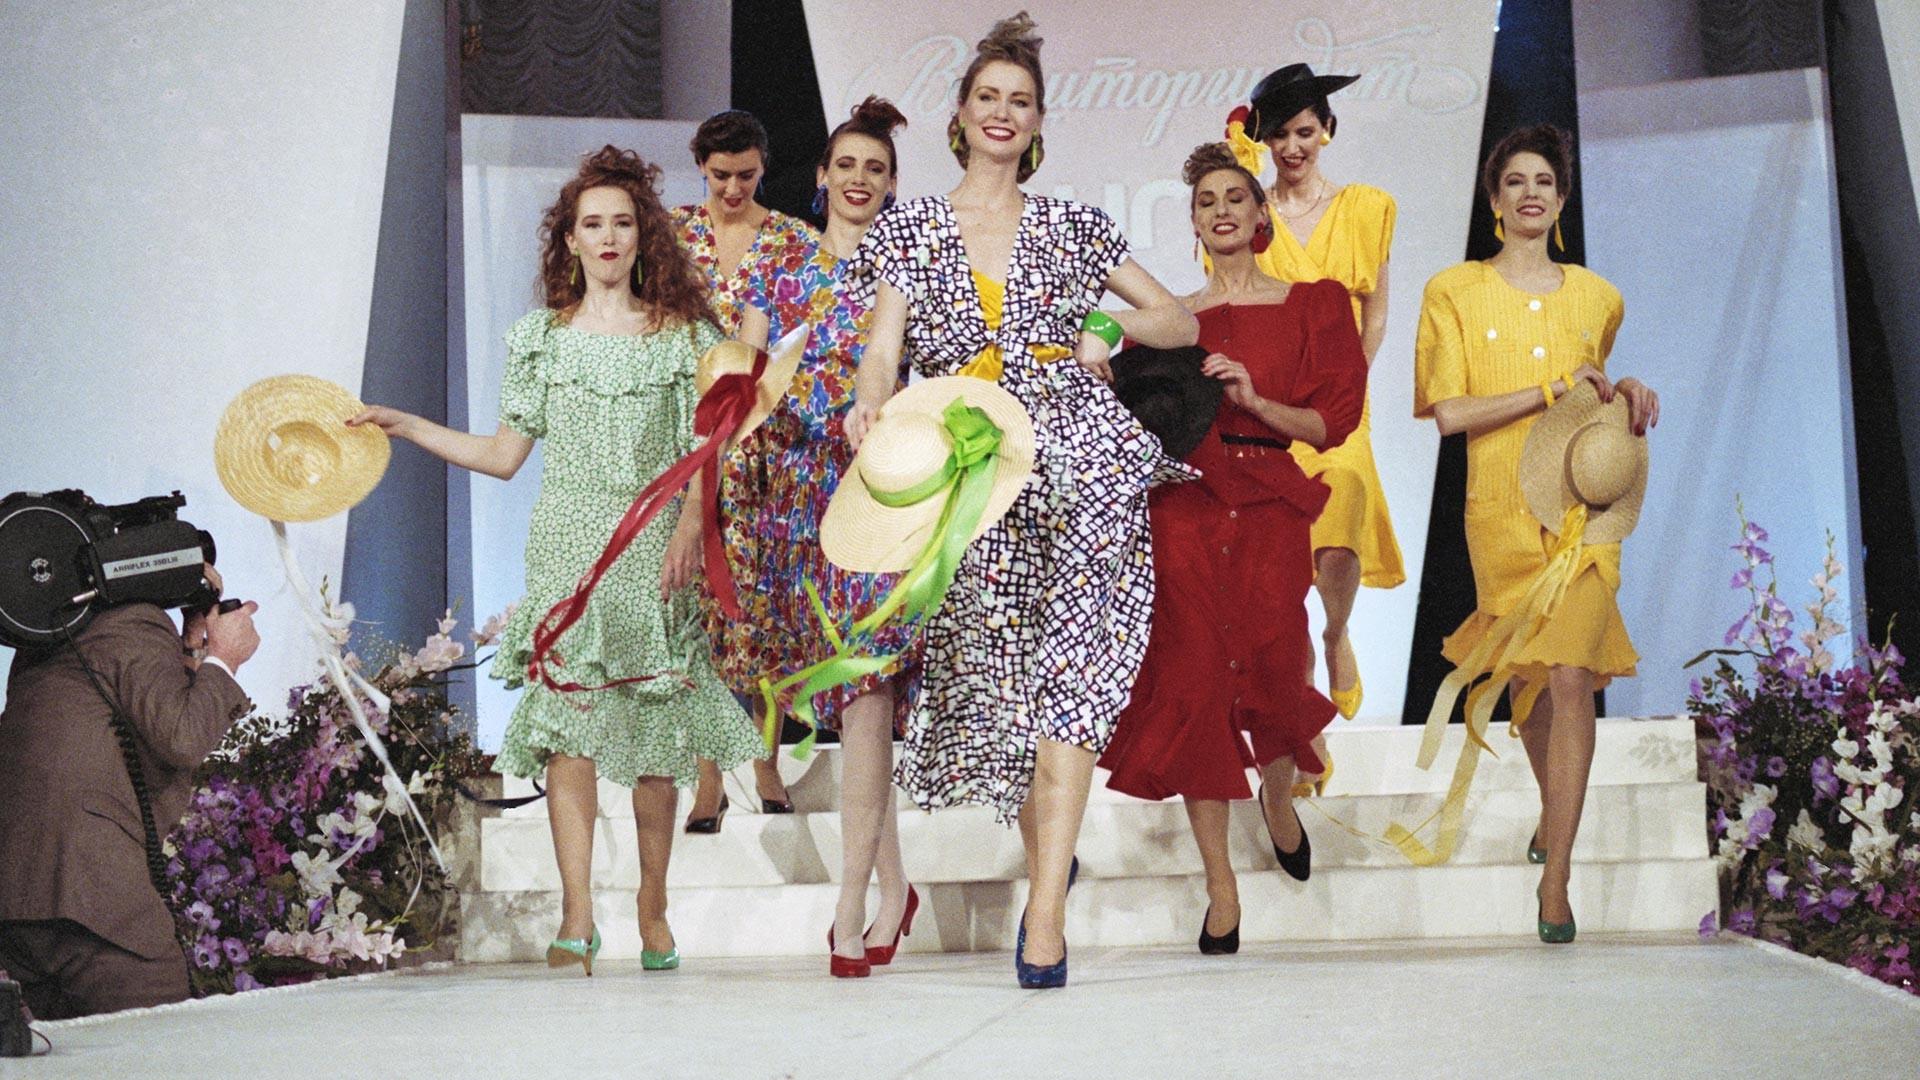 Москва. 1987 г. Коллекция моделей одежды